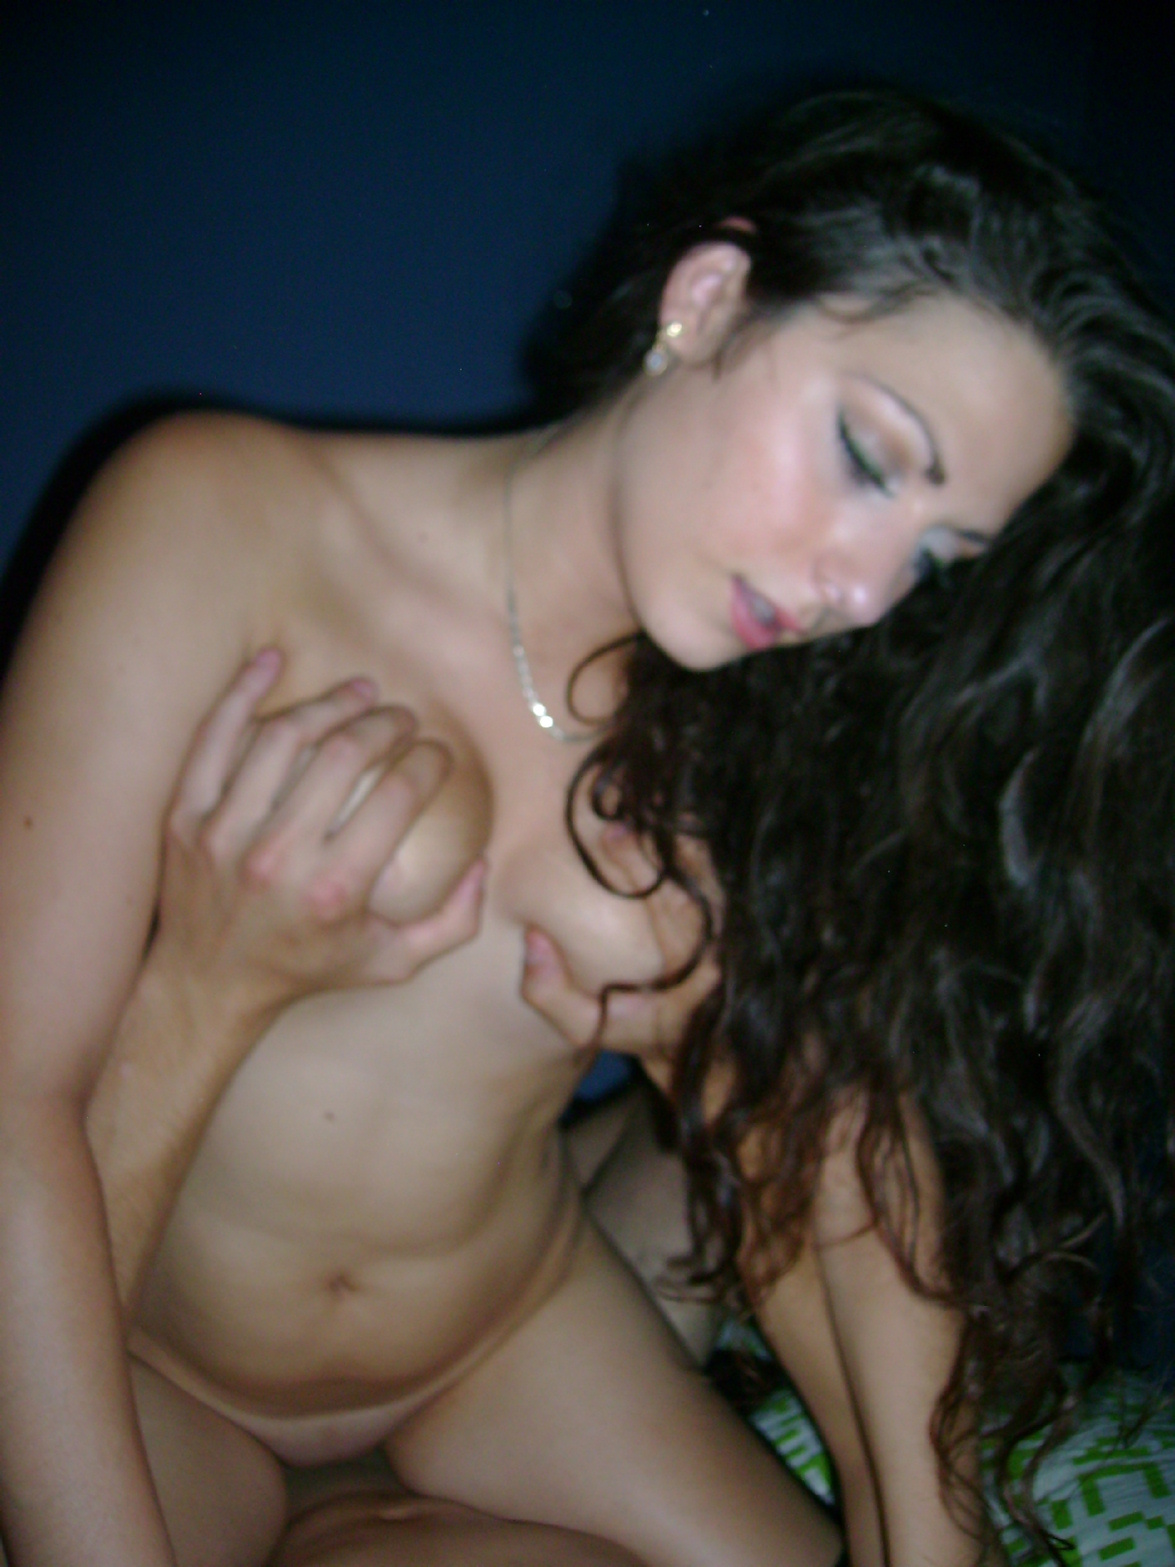 Fotos De Putas Caseiras Gostosas E Sem Vergonha